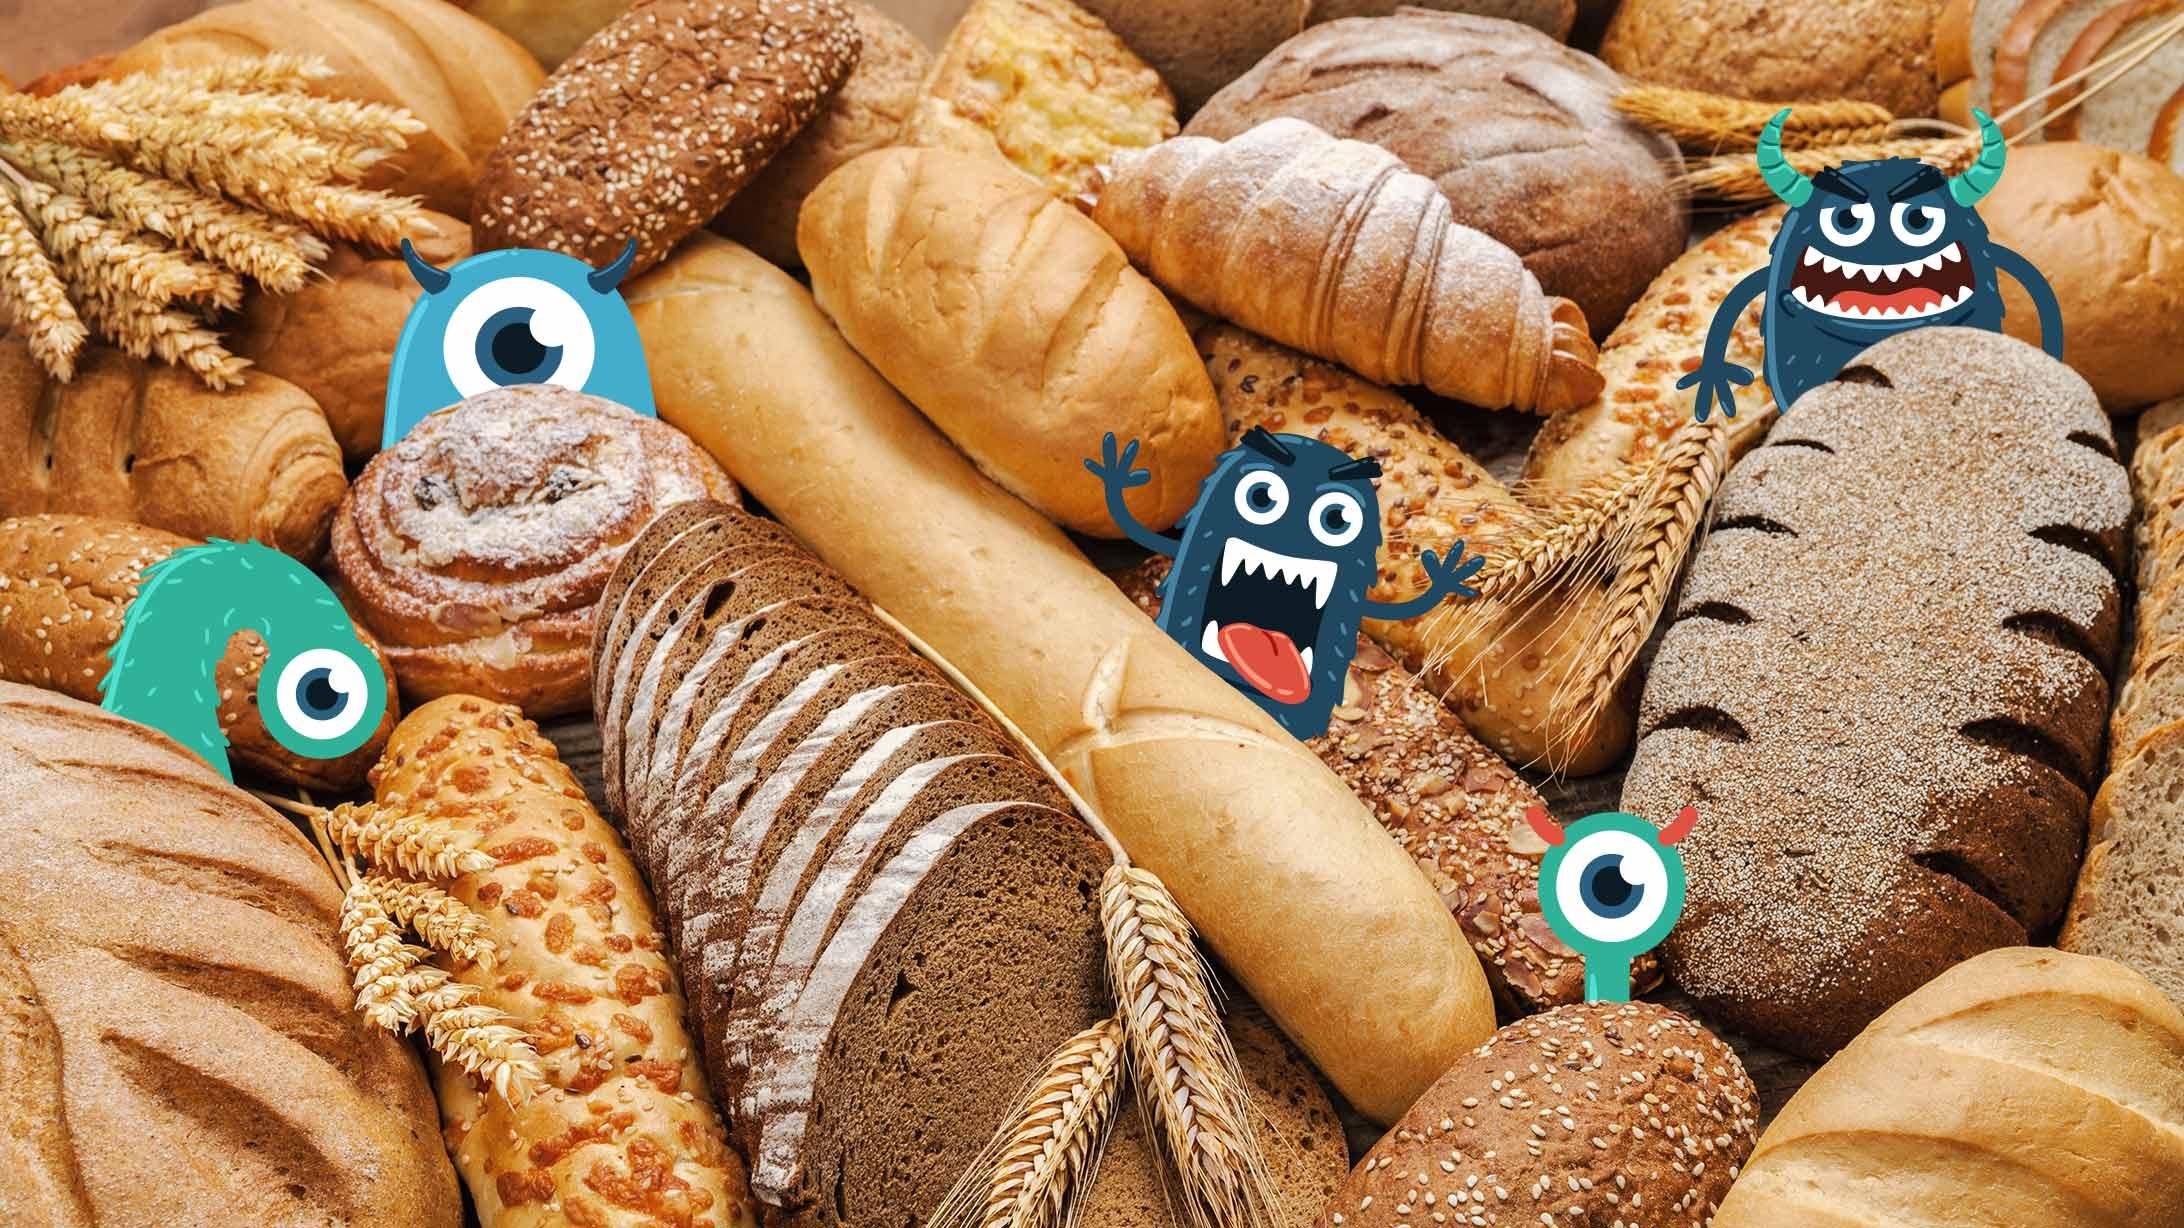 Gezeichnete kleine Monster, die sich hinter Brot verstecken